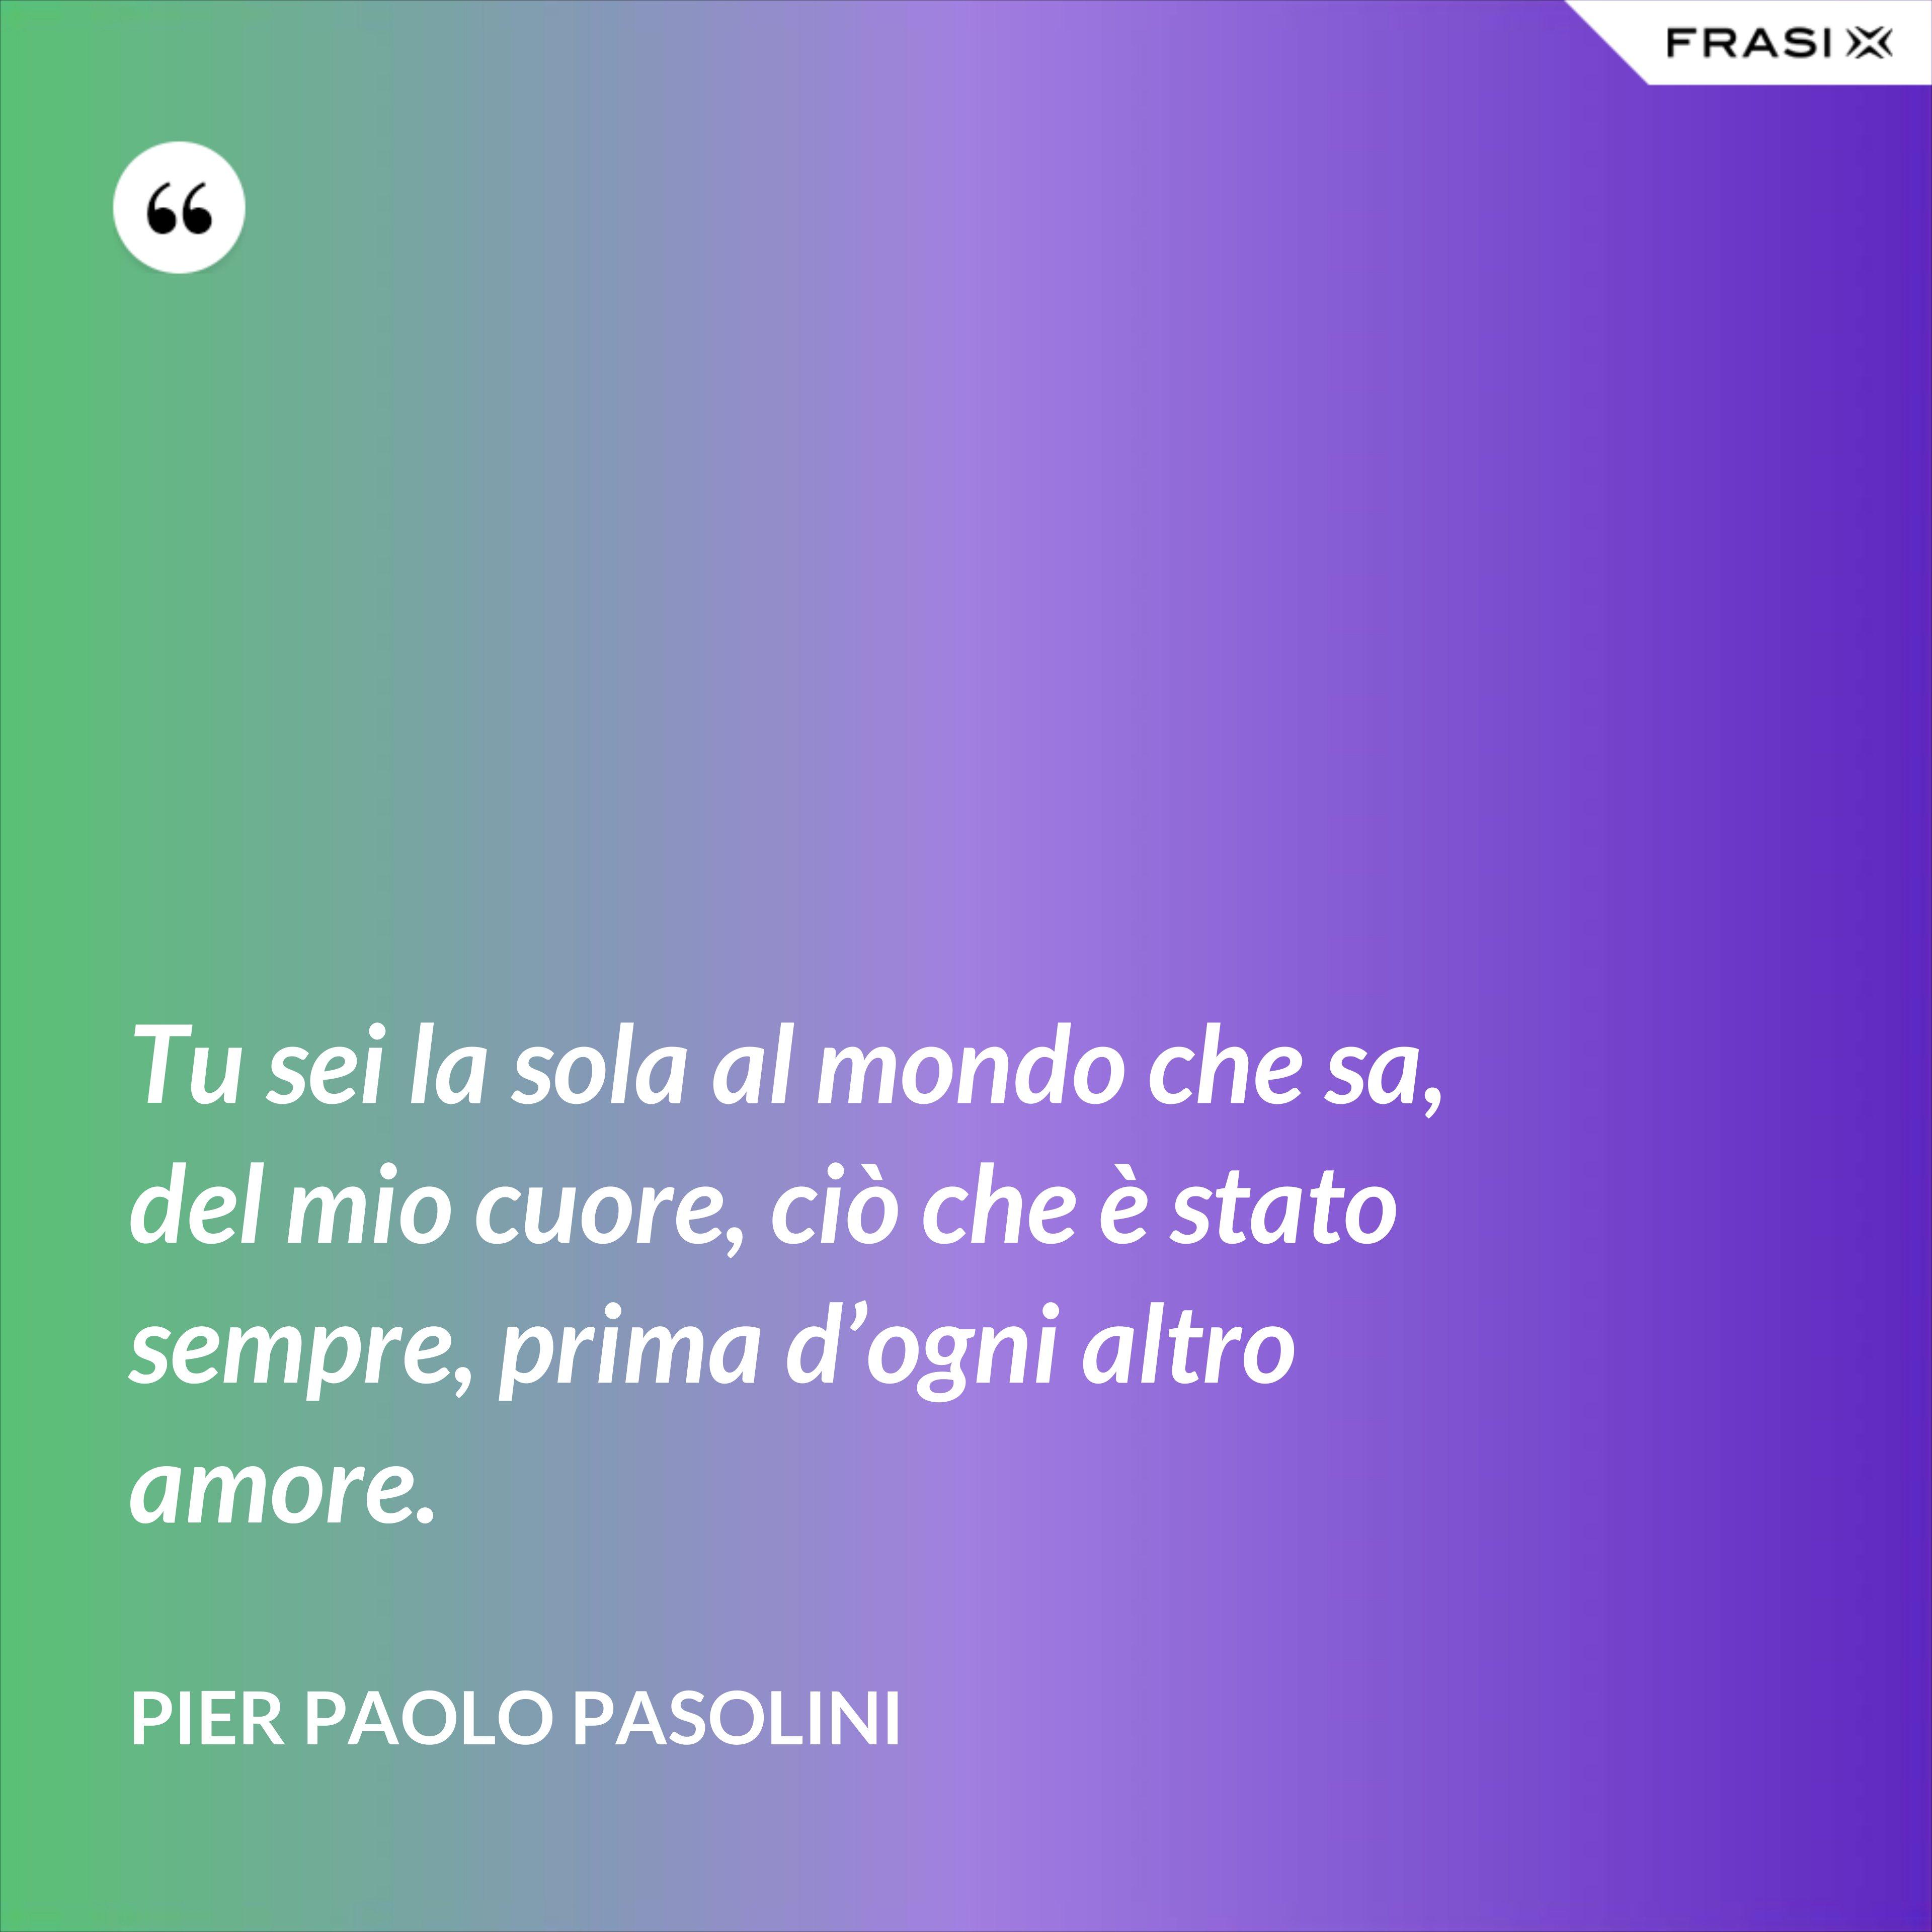 Tu sei la sola al mondo che sa, del mio cuore, ciò che è stato sempre, prima d'ogni altro amore. - Pier Paolo Pasolini